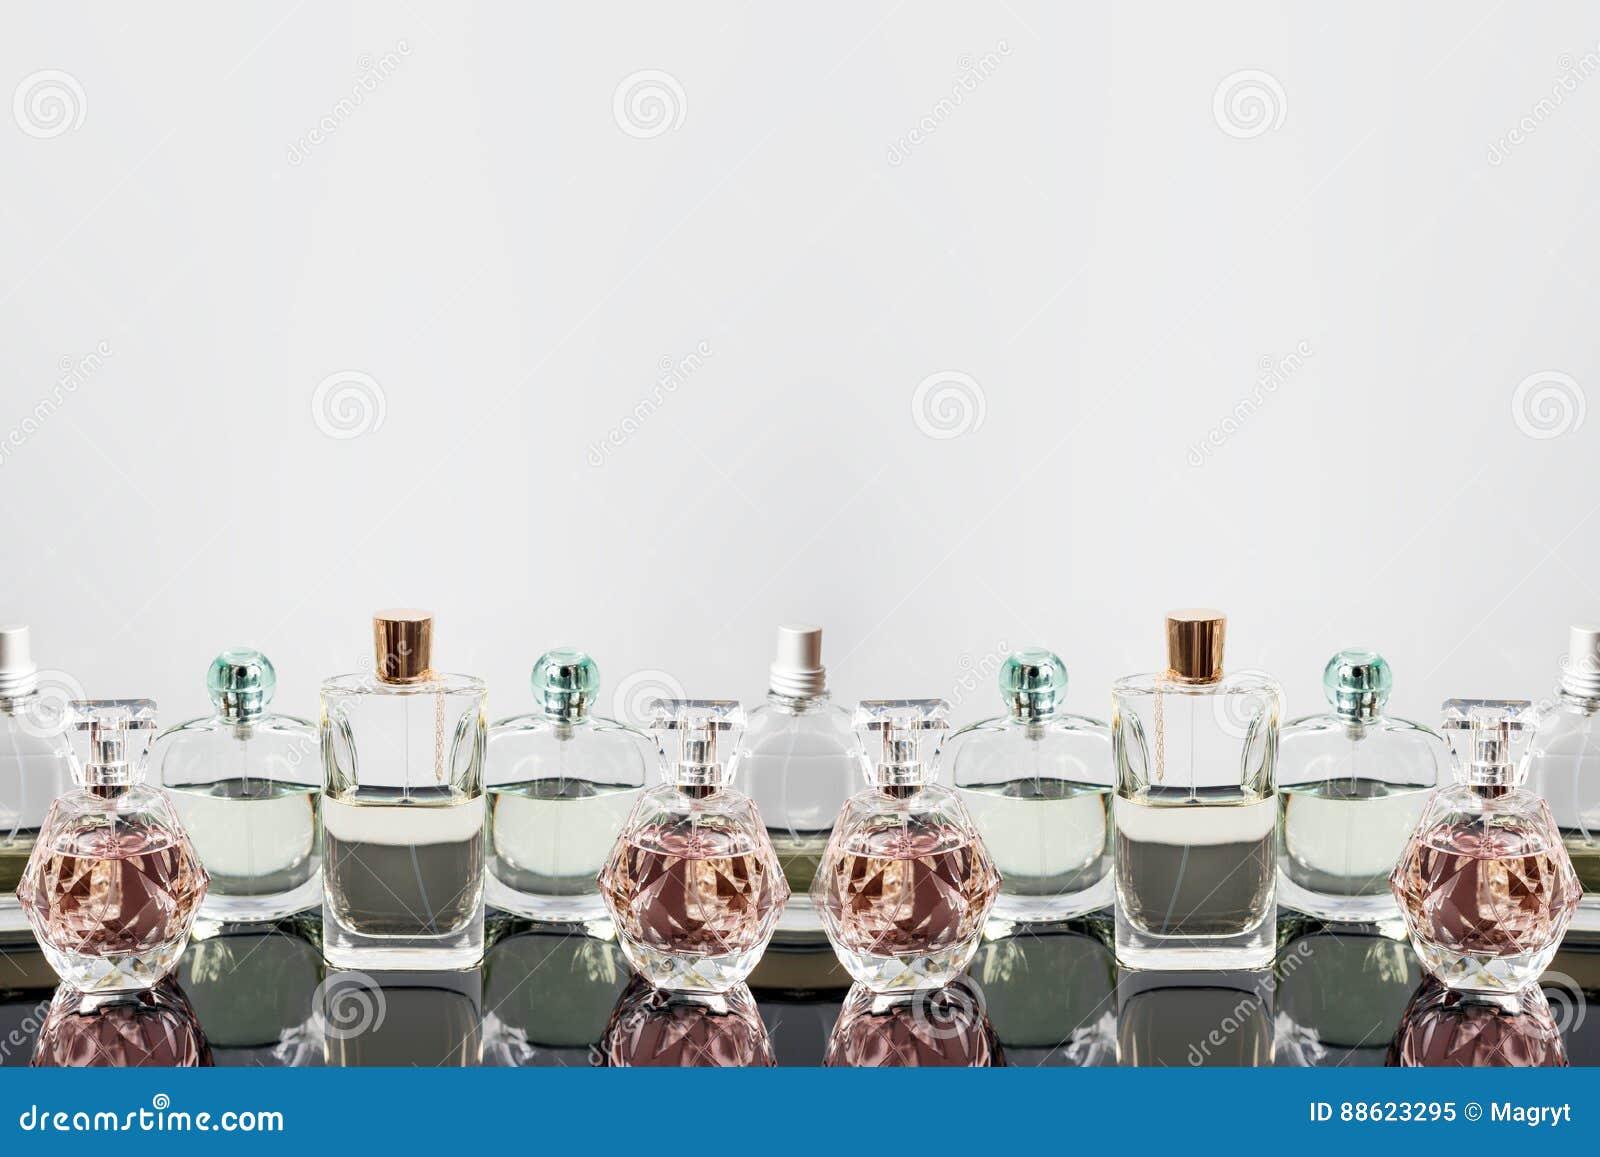 Διαφορετικά μπουκάλια αρώματος με τις αντανακλάσεις Αρωματοποιία, καλλυντικά Ελεύθερου χώρου για το κείμενο